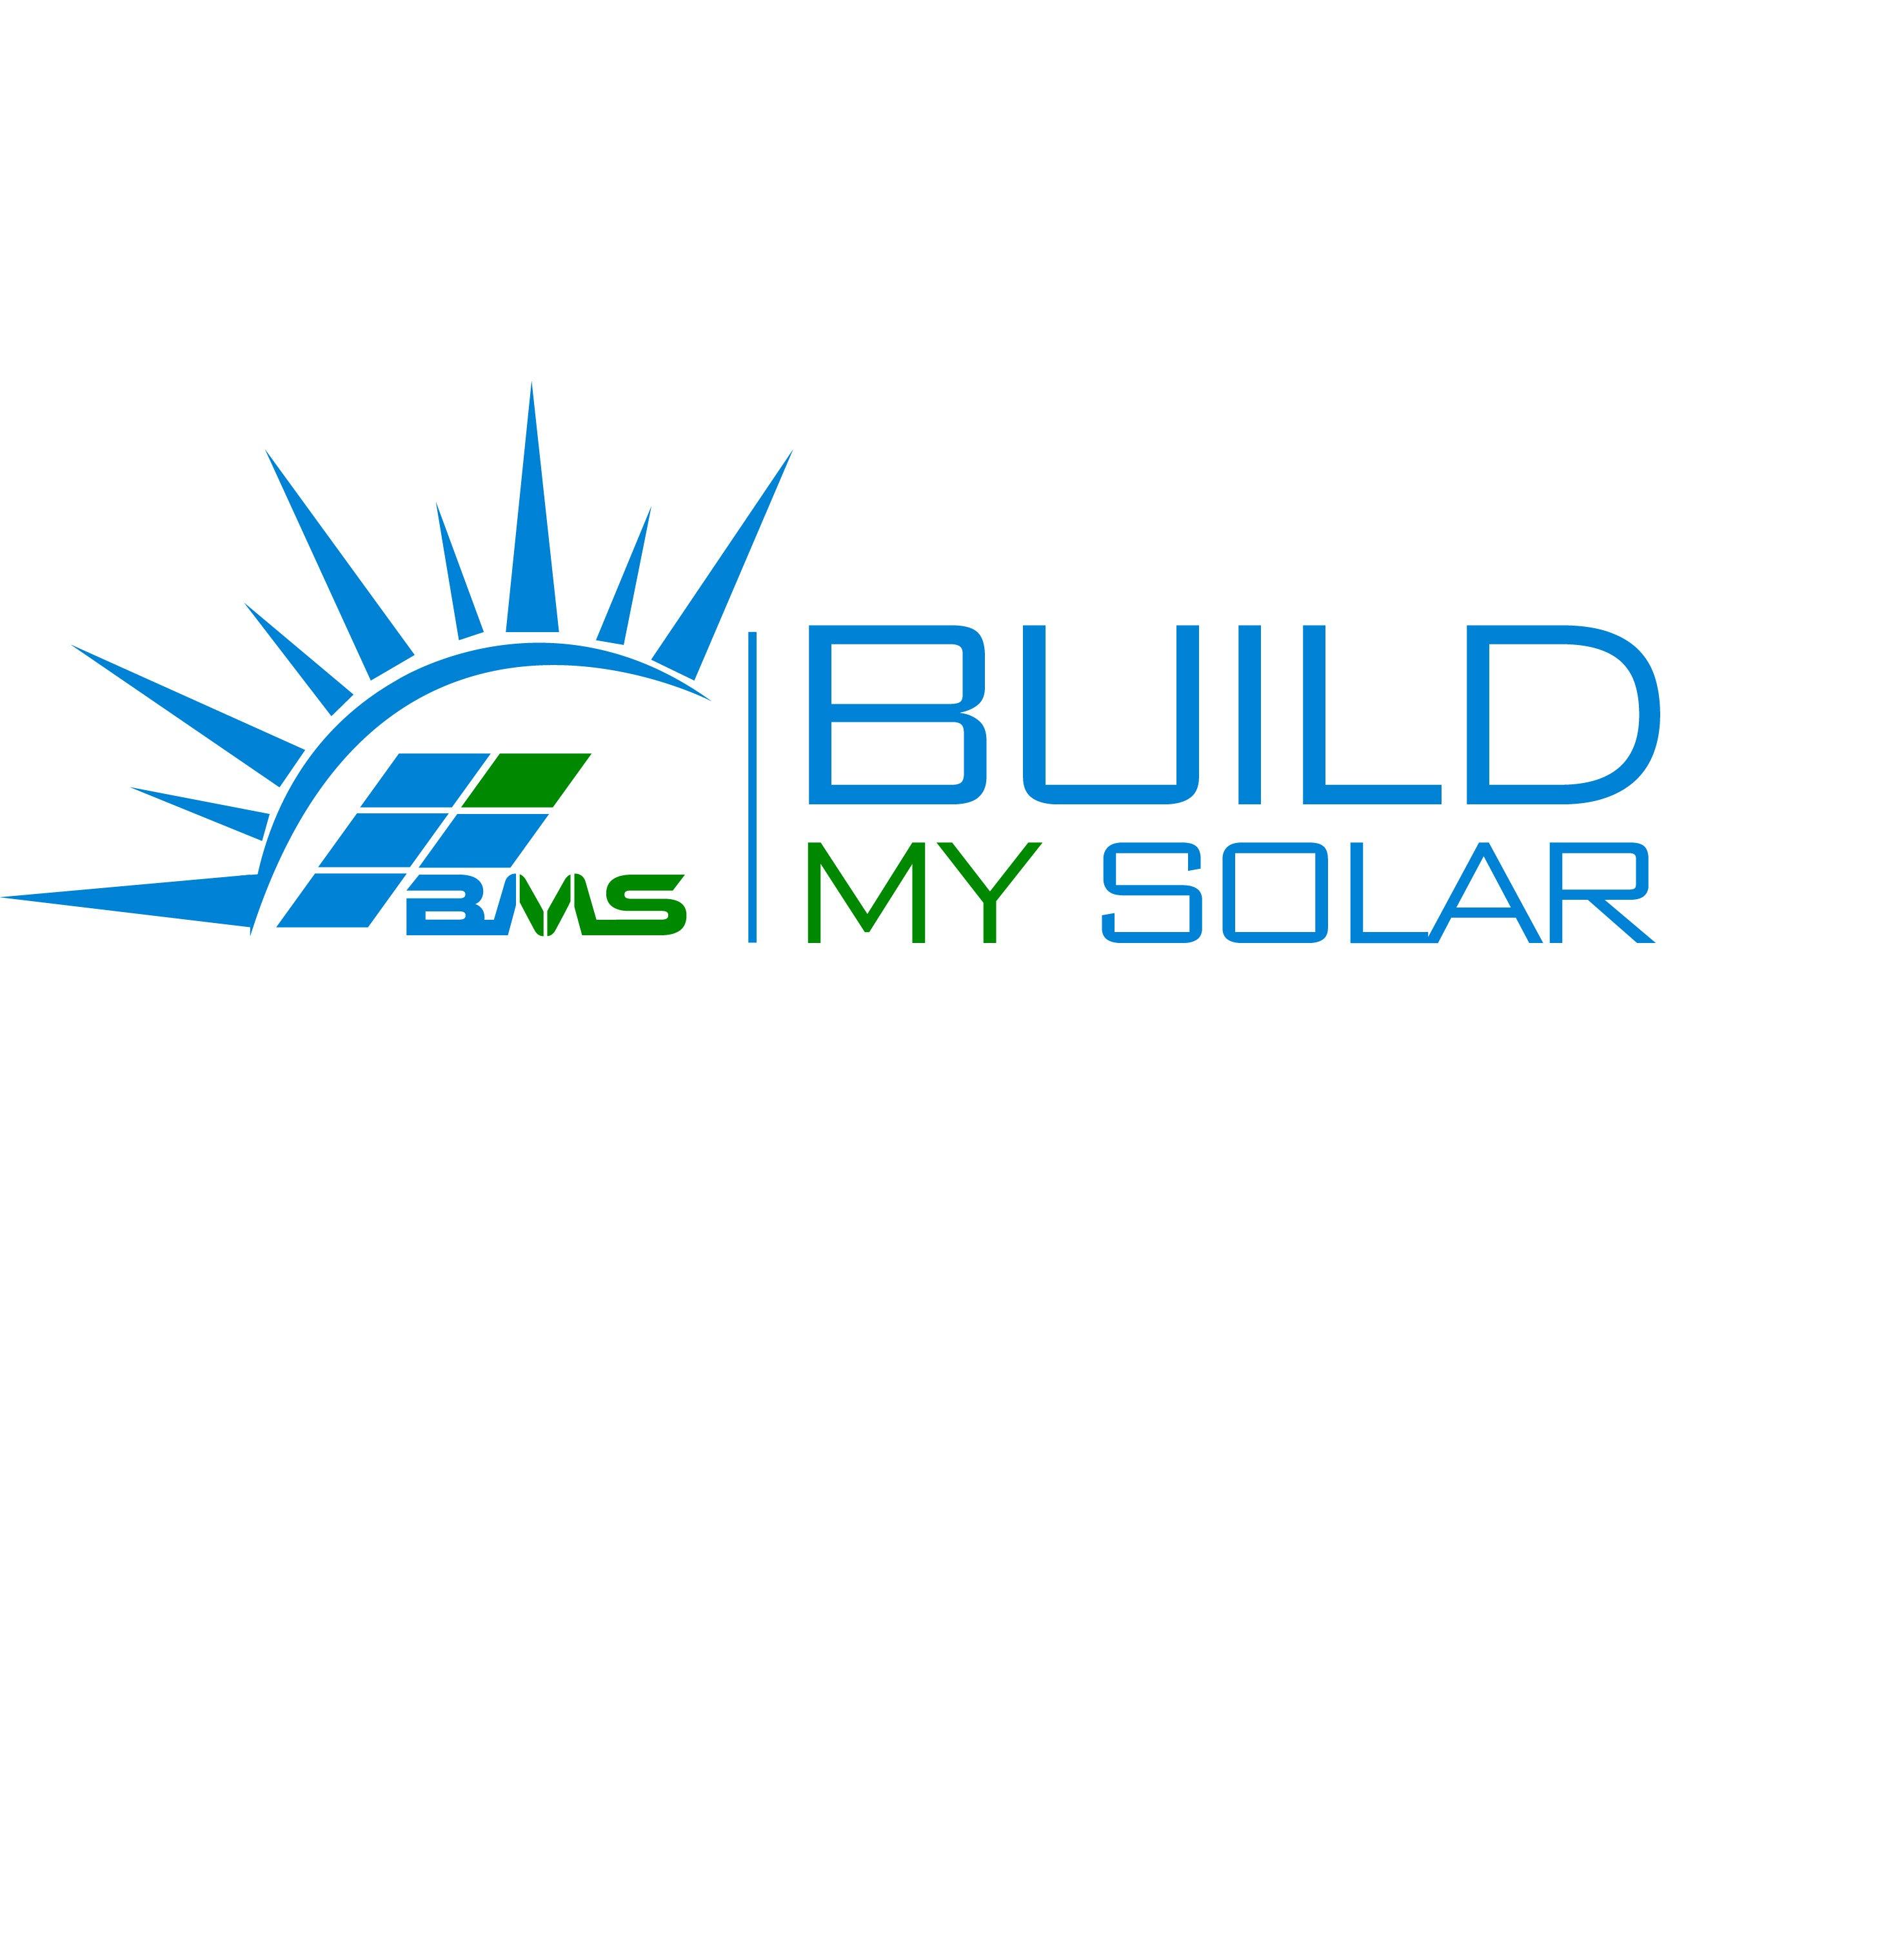 Build My Solar